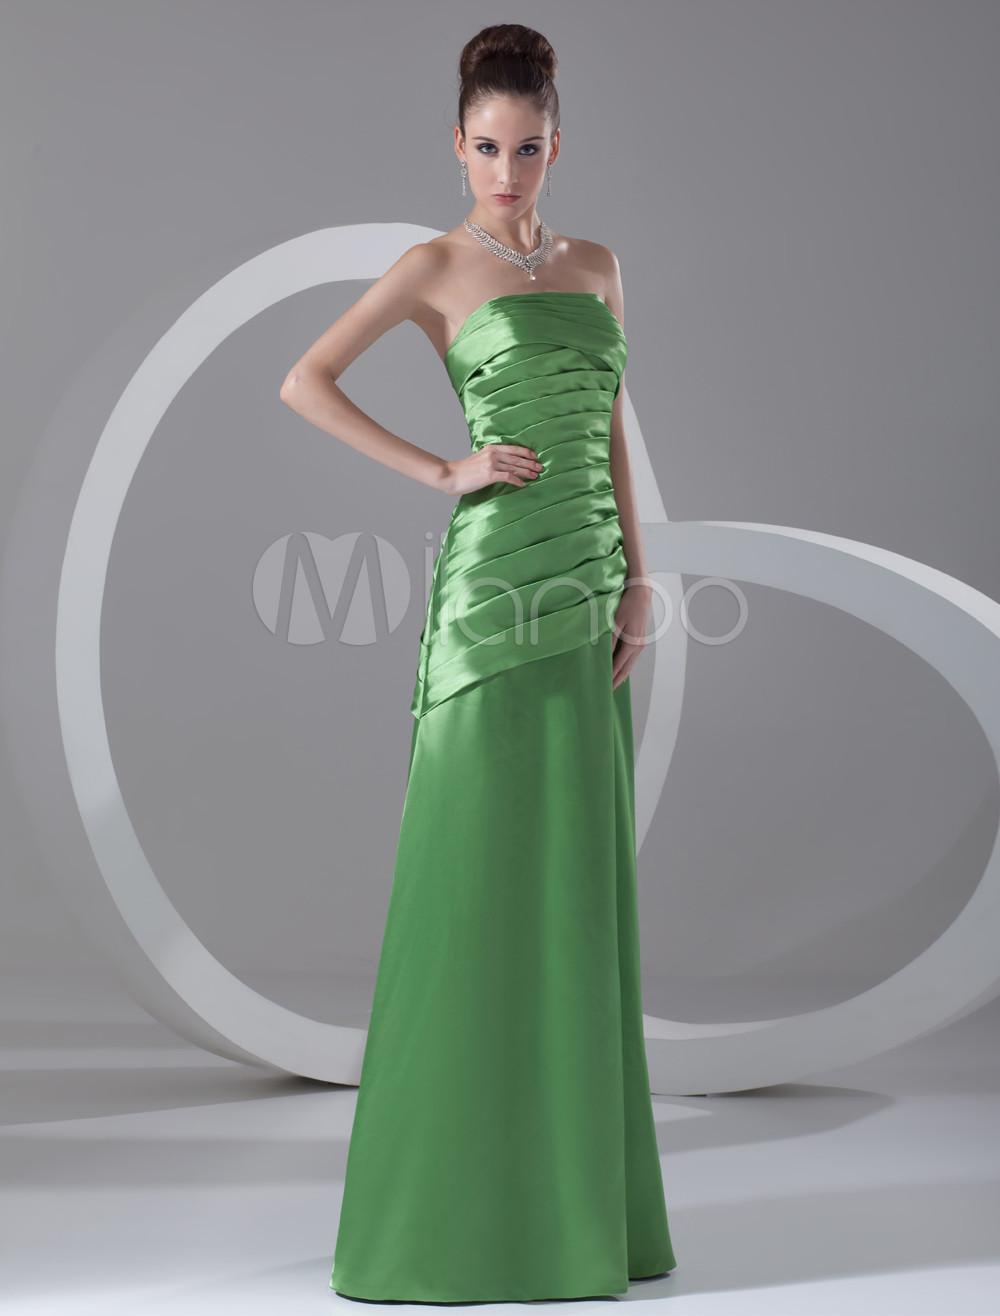 красивые греческие платья